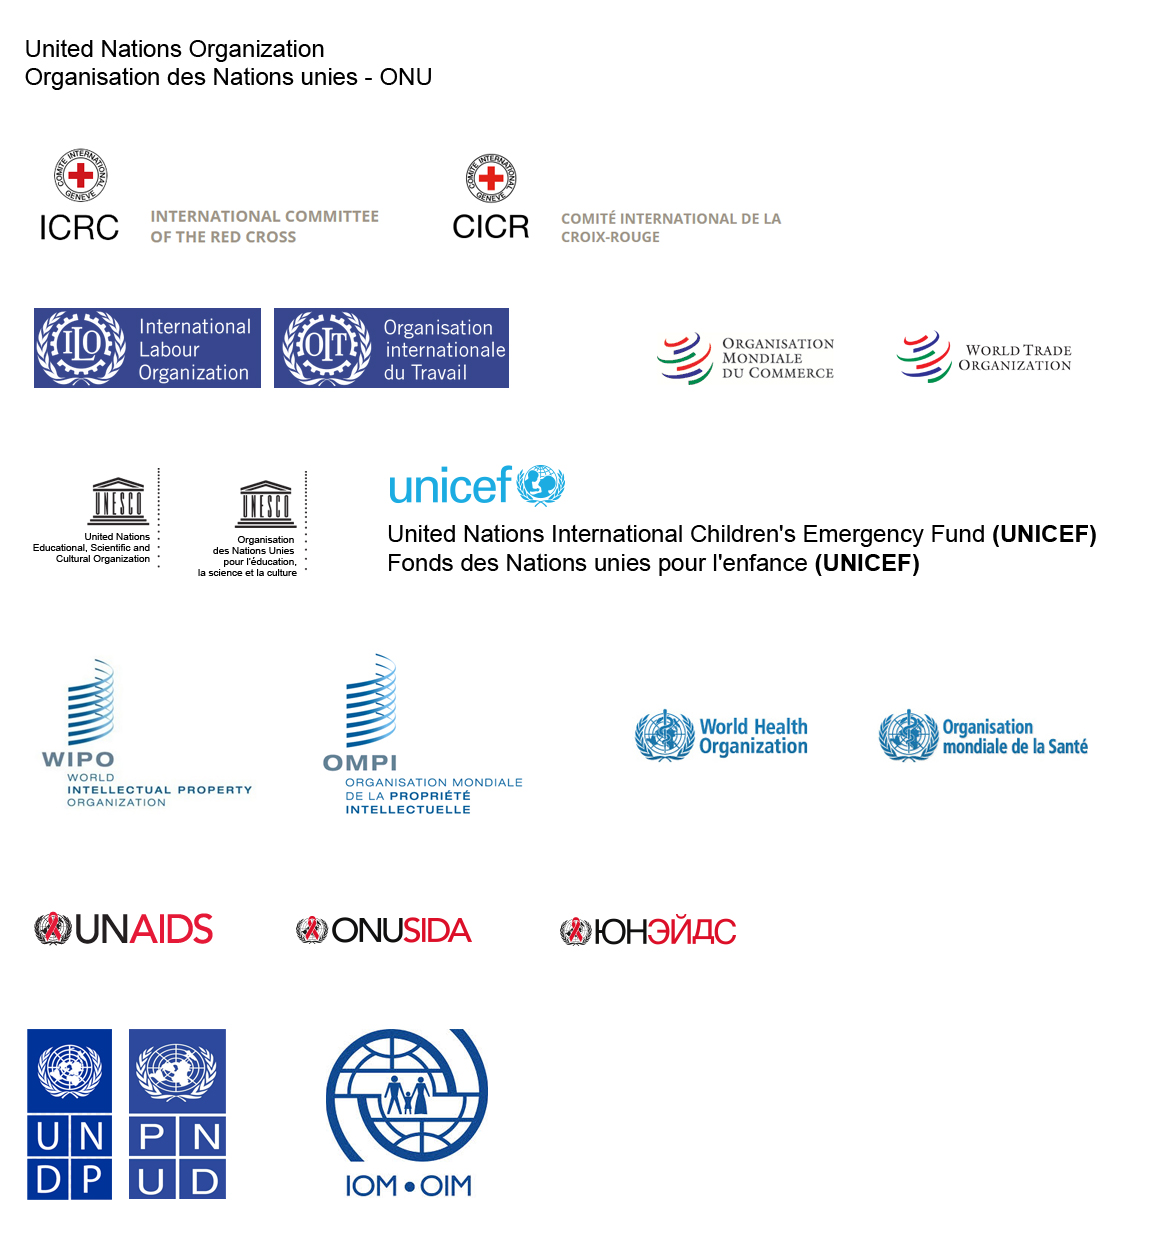 International Organizations Logos And Names - Image Mag